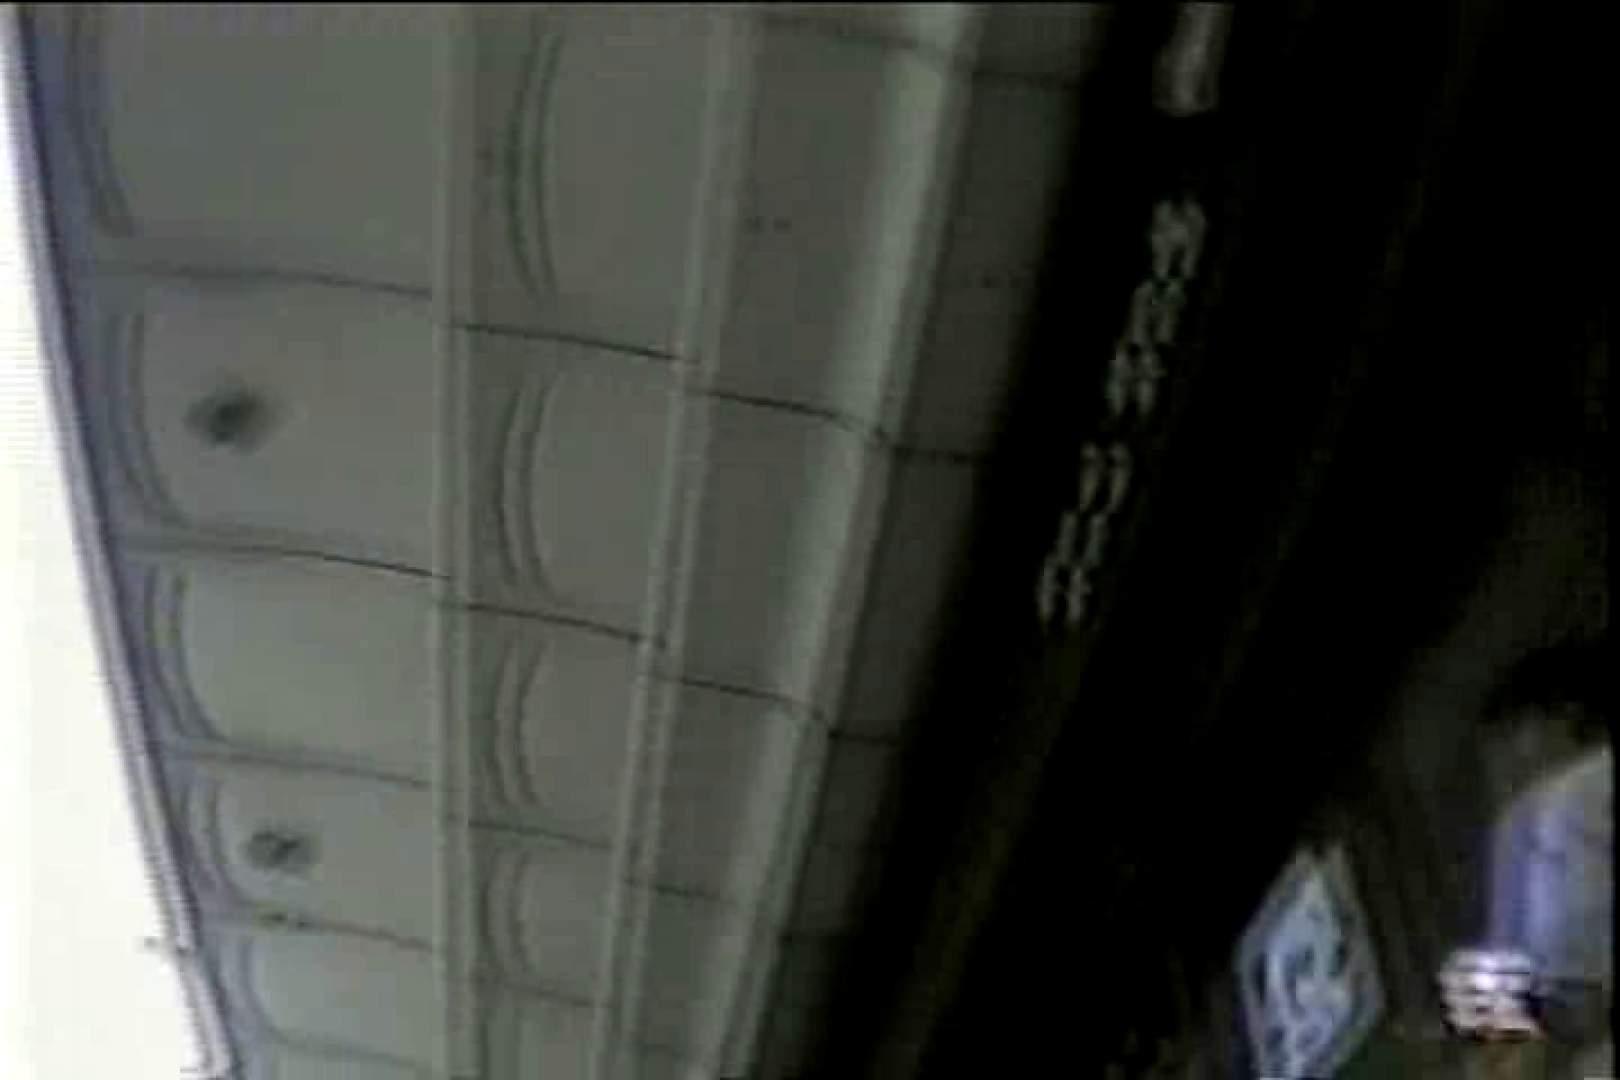 関西発!タツヤのDV直撮り大追跡Vol.1 エロティックなOL 盗み撮り動画 99画像 20